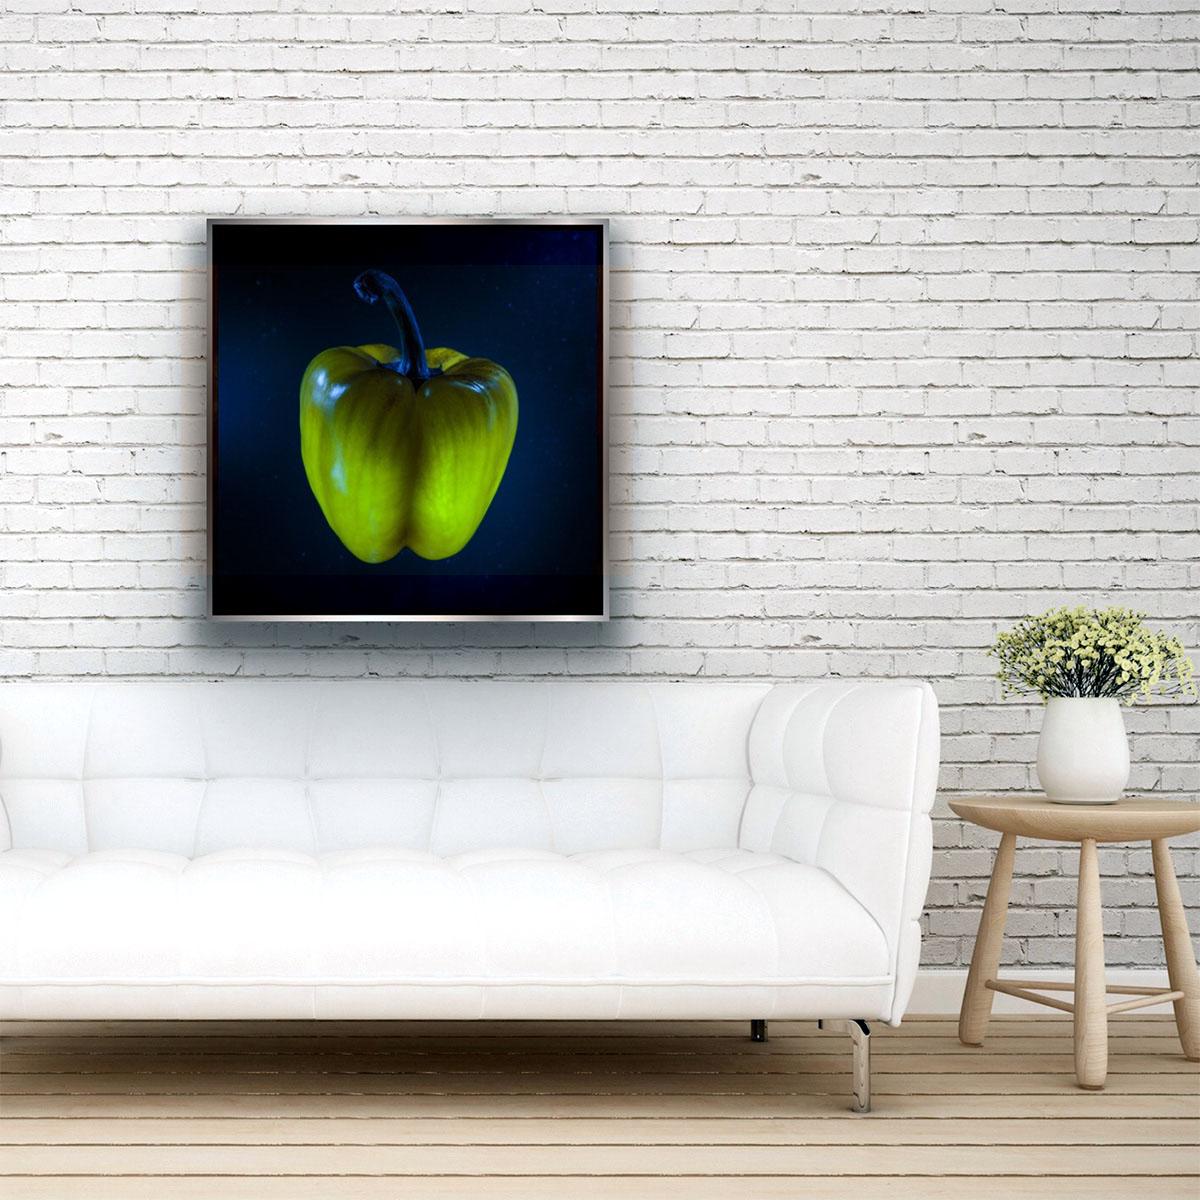 LUCIFERIN by Grete Hjorth-Johansen, viewed in a room